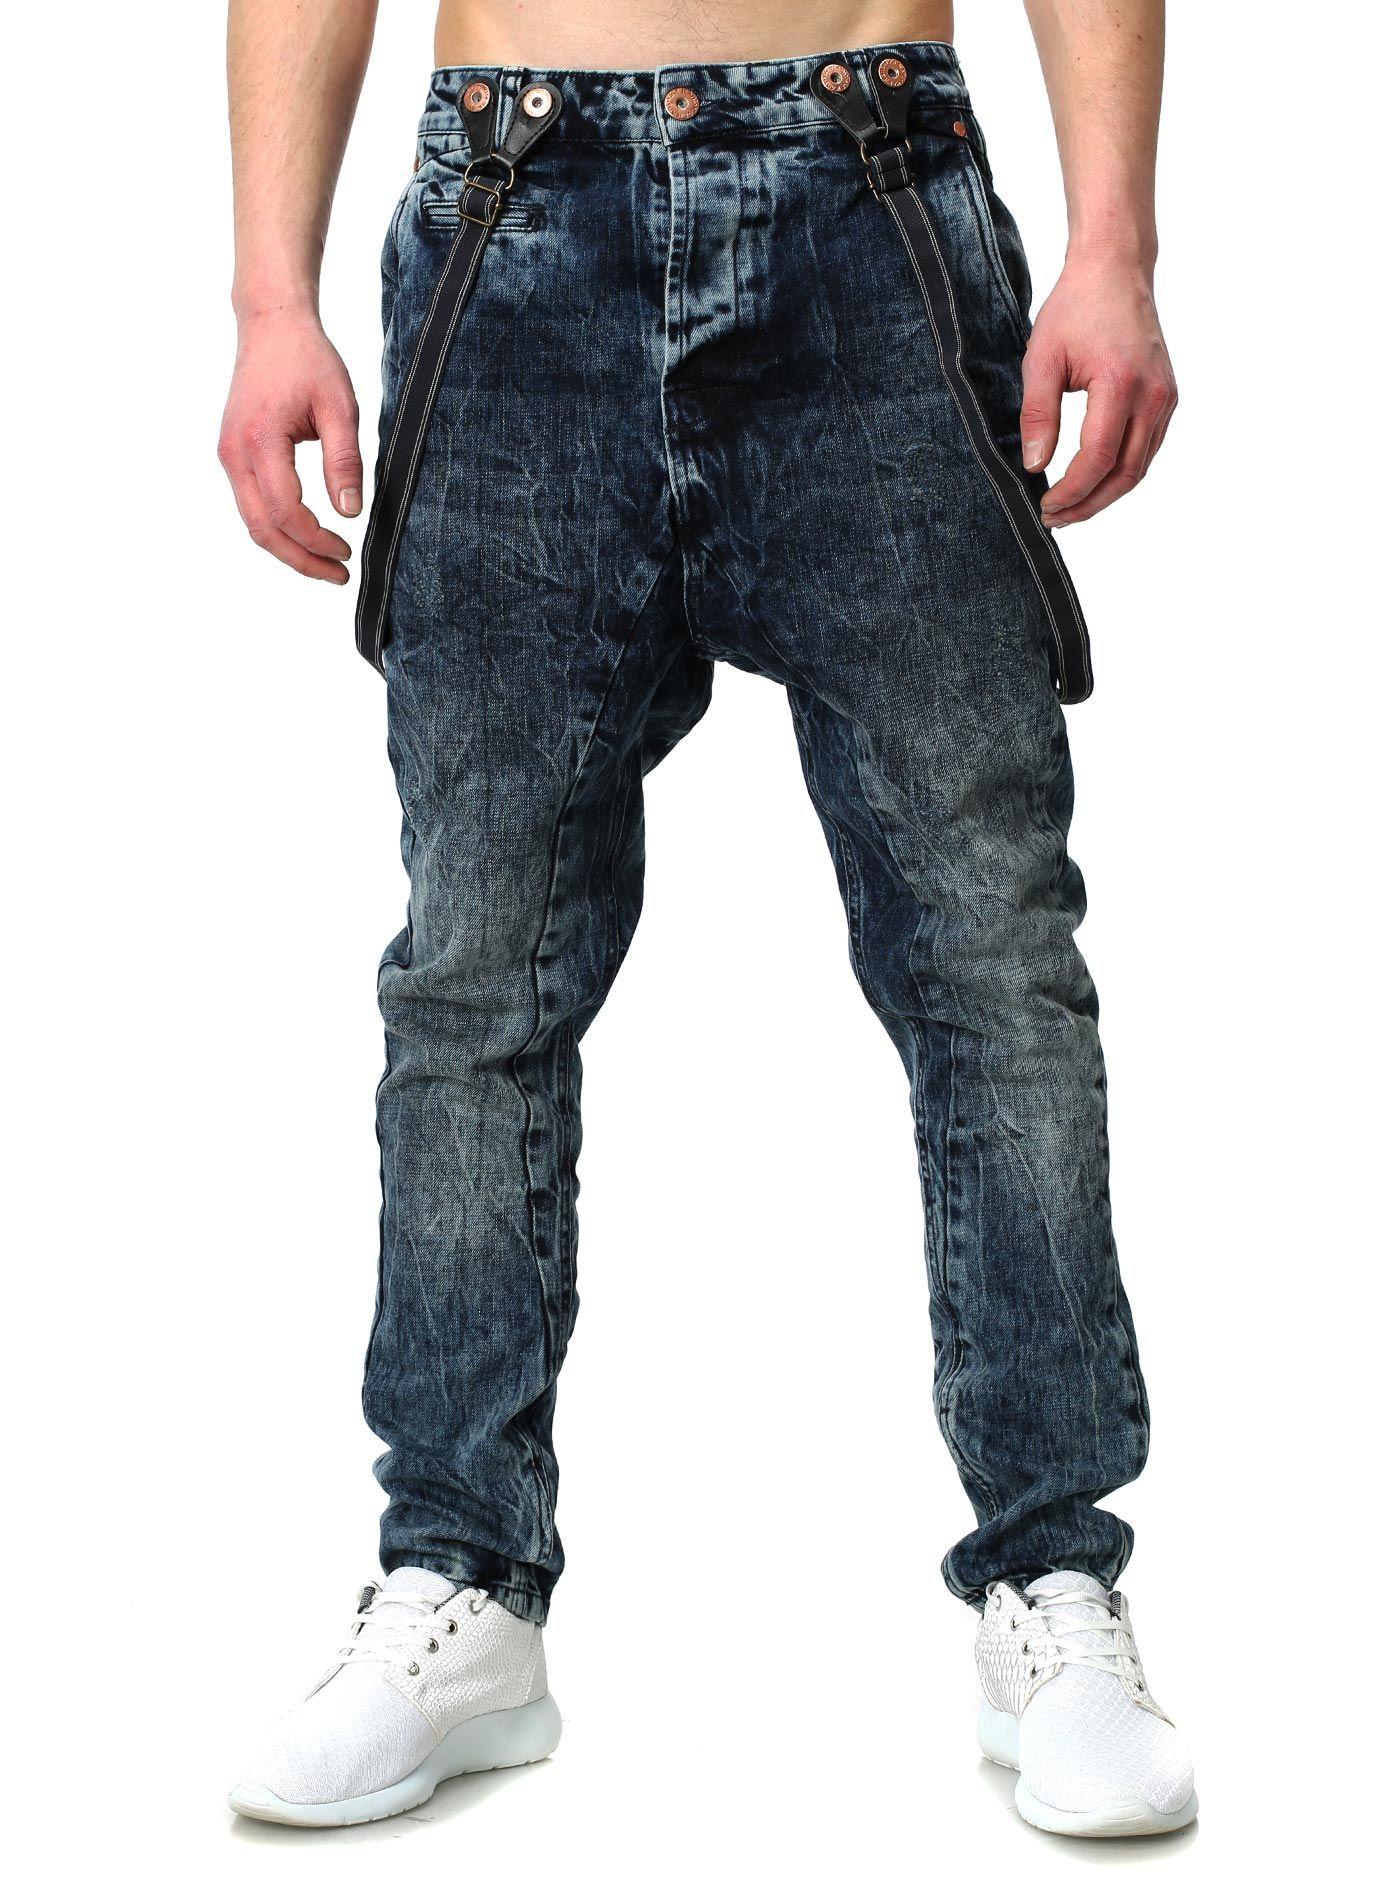 Herren jeans vsct destroyed denim vintage blau